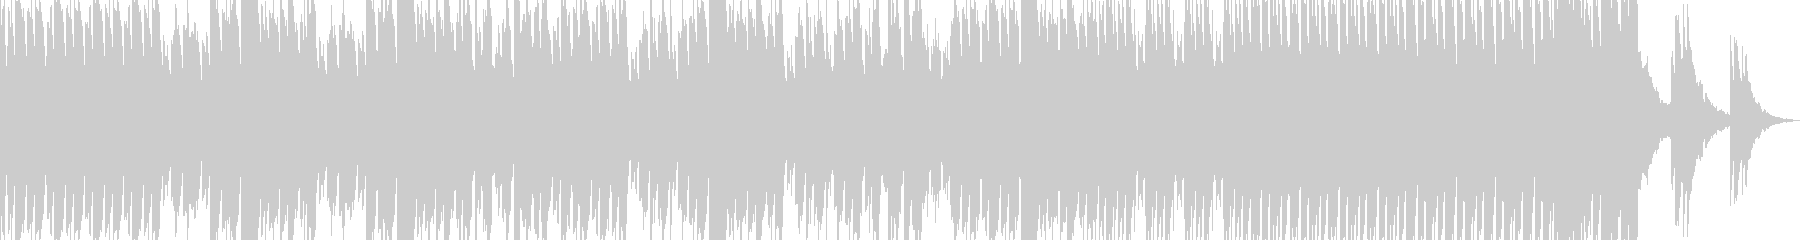 不安をかきたてるようなピアノ曲の未再生の波形